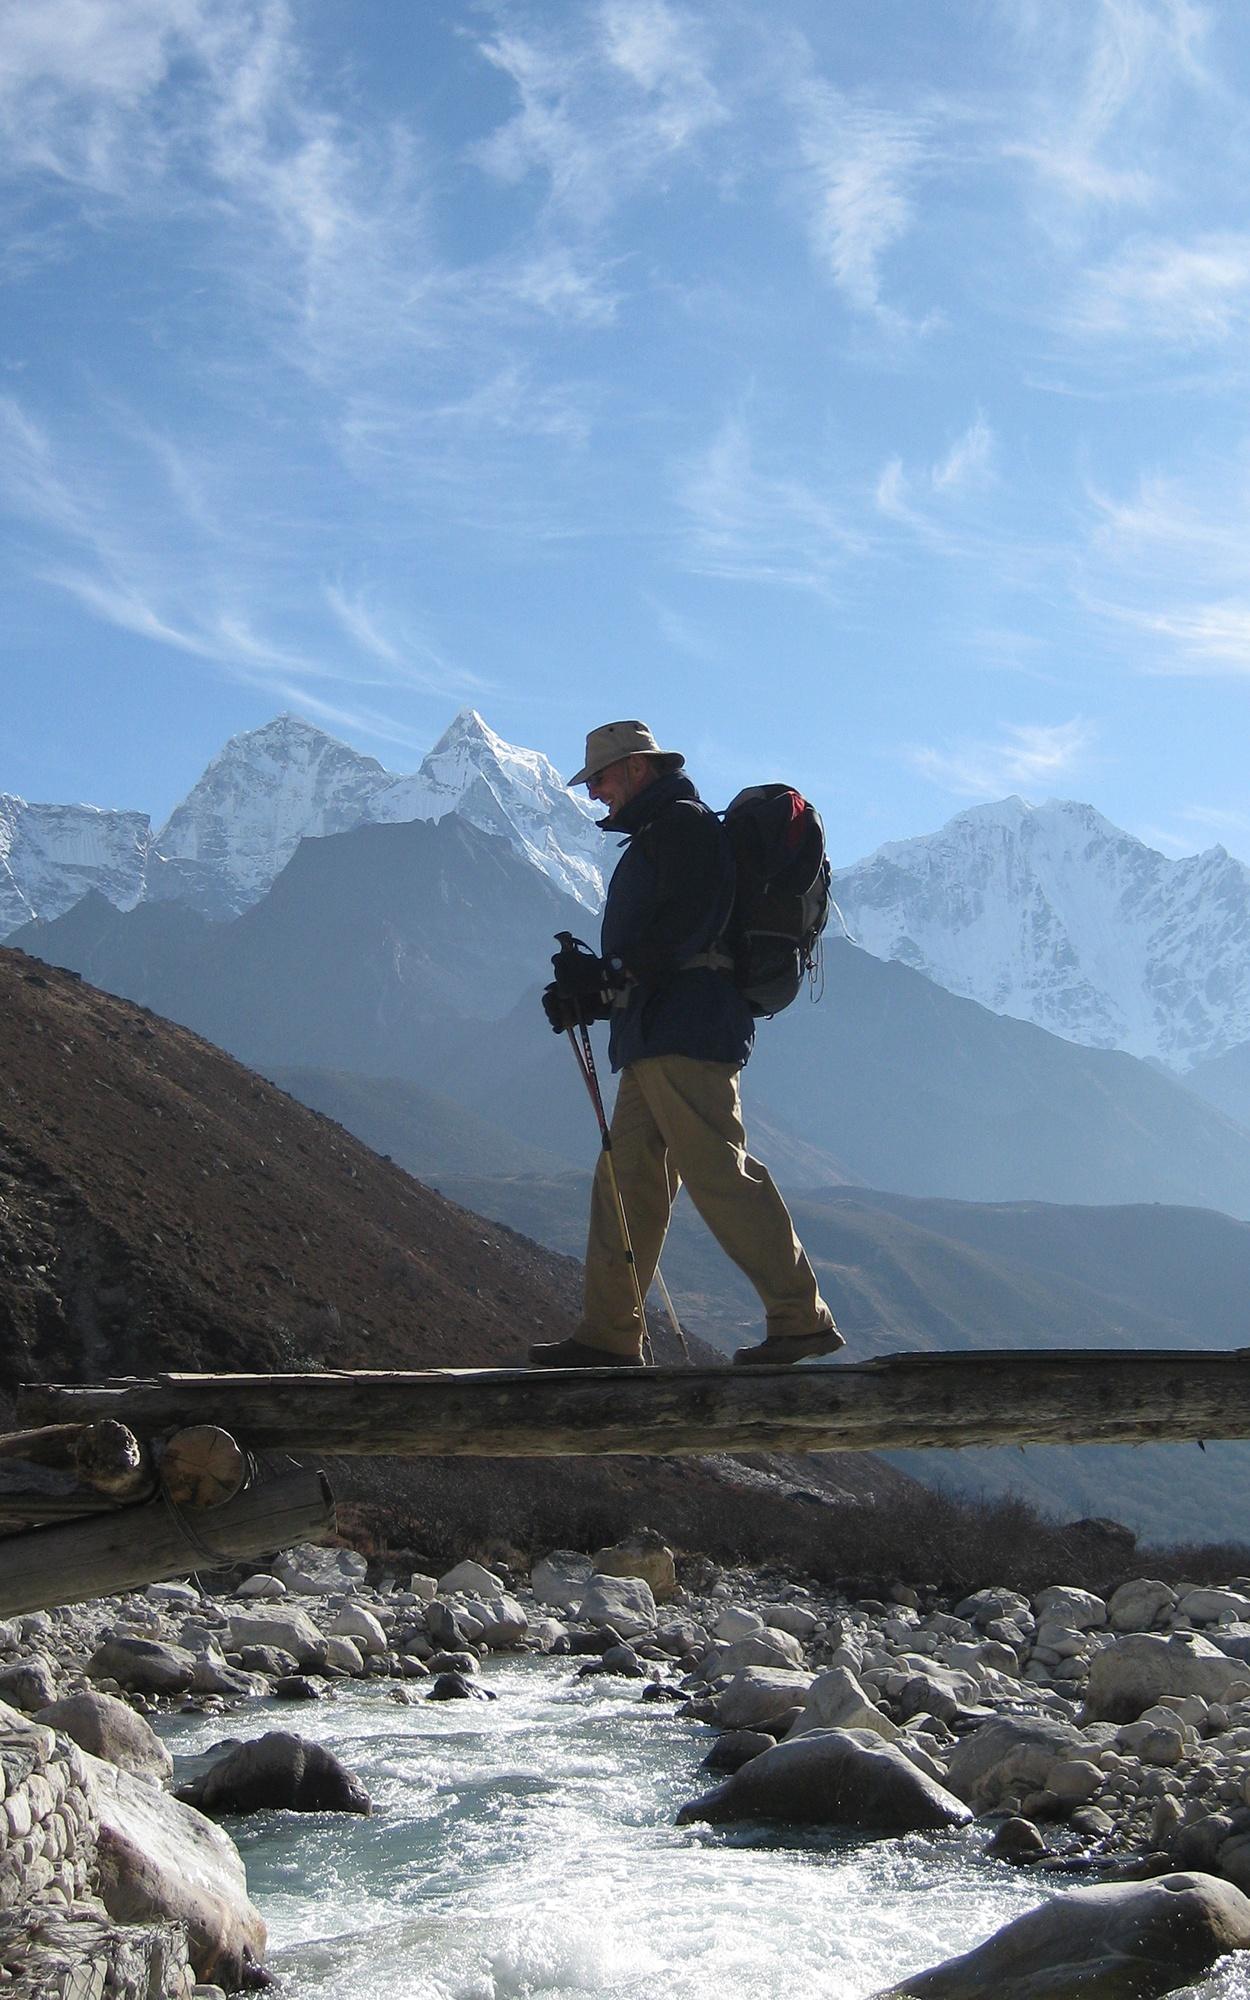 Bridge_crossing_Nepal_to_base_camp.jpg